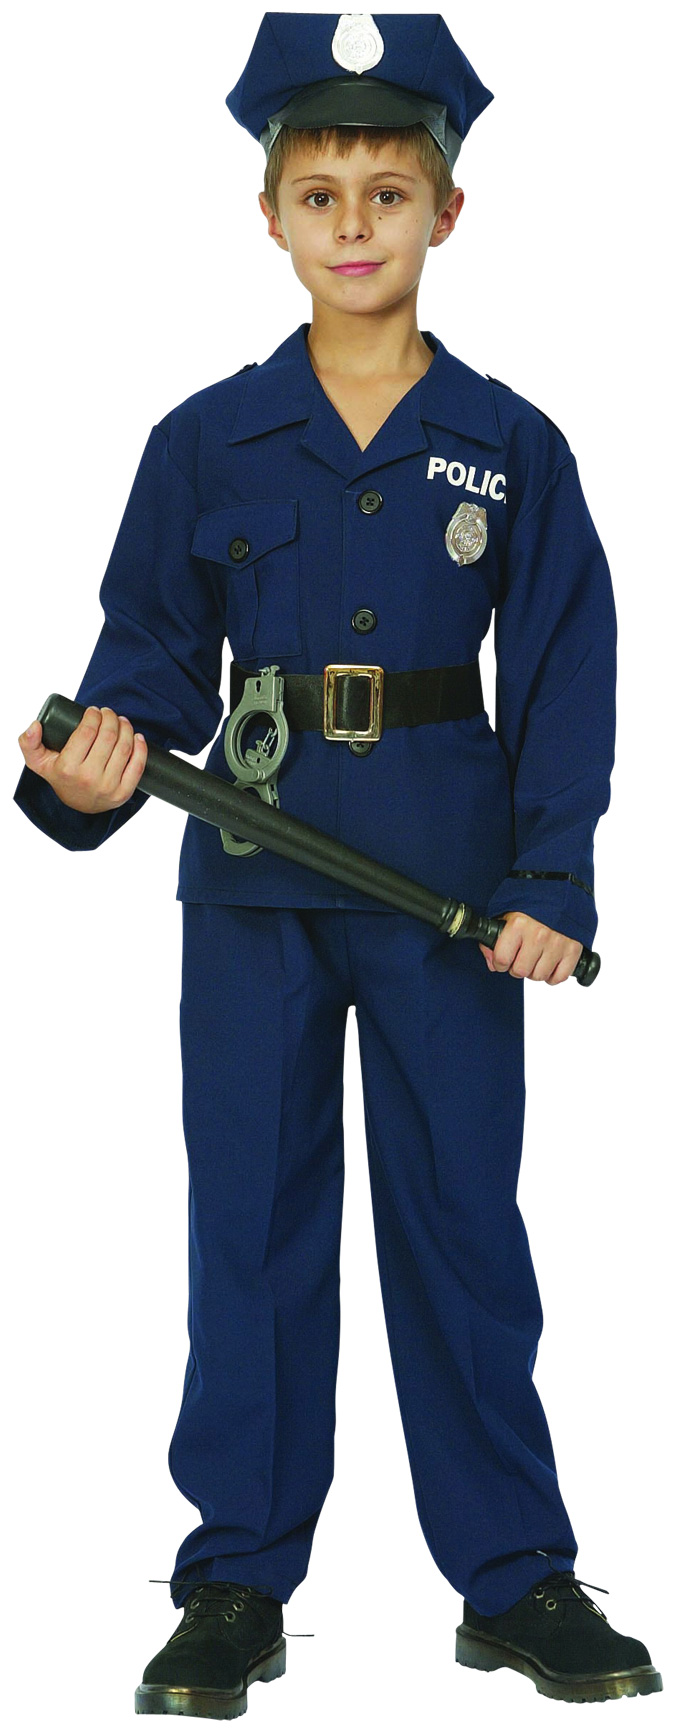 d guisement policier gar on d guisement uniforme enfant costume carnaval. Black Bedroom Furniture Sets. Home Design Ideas